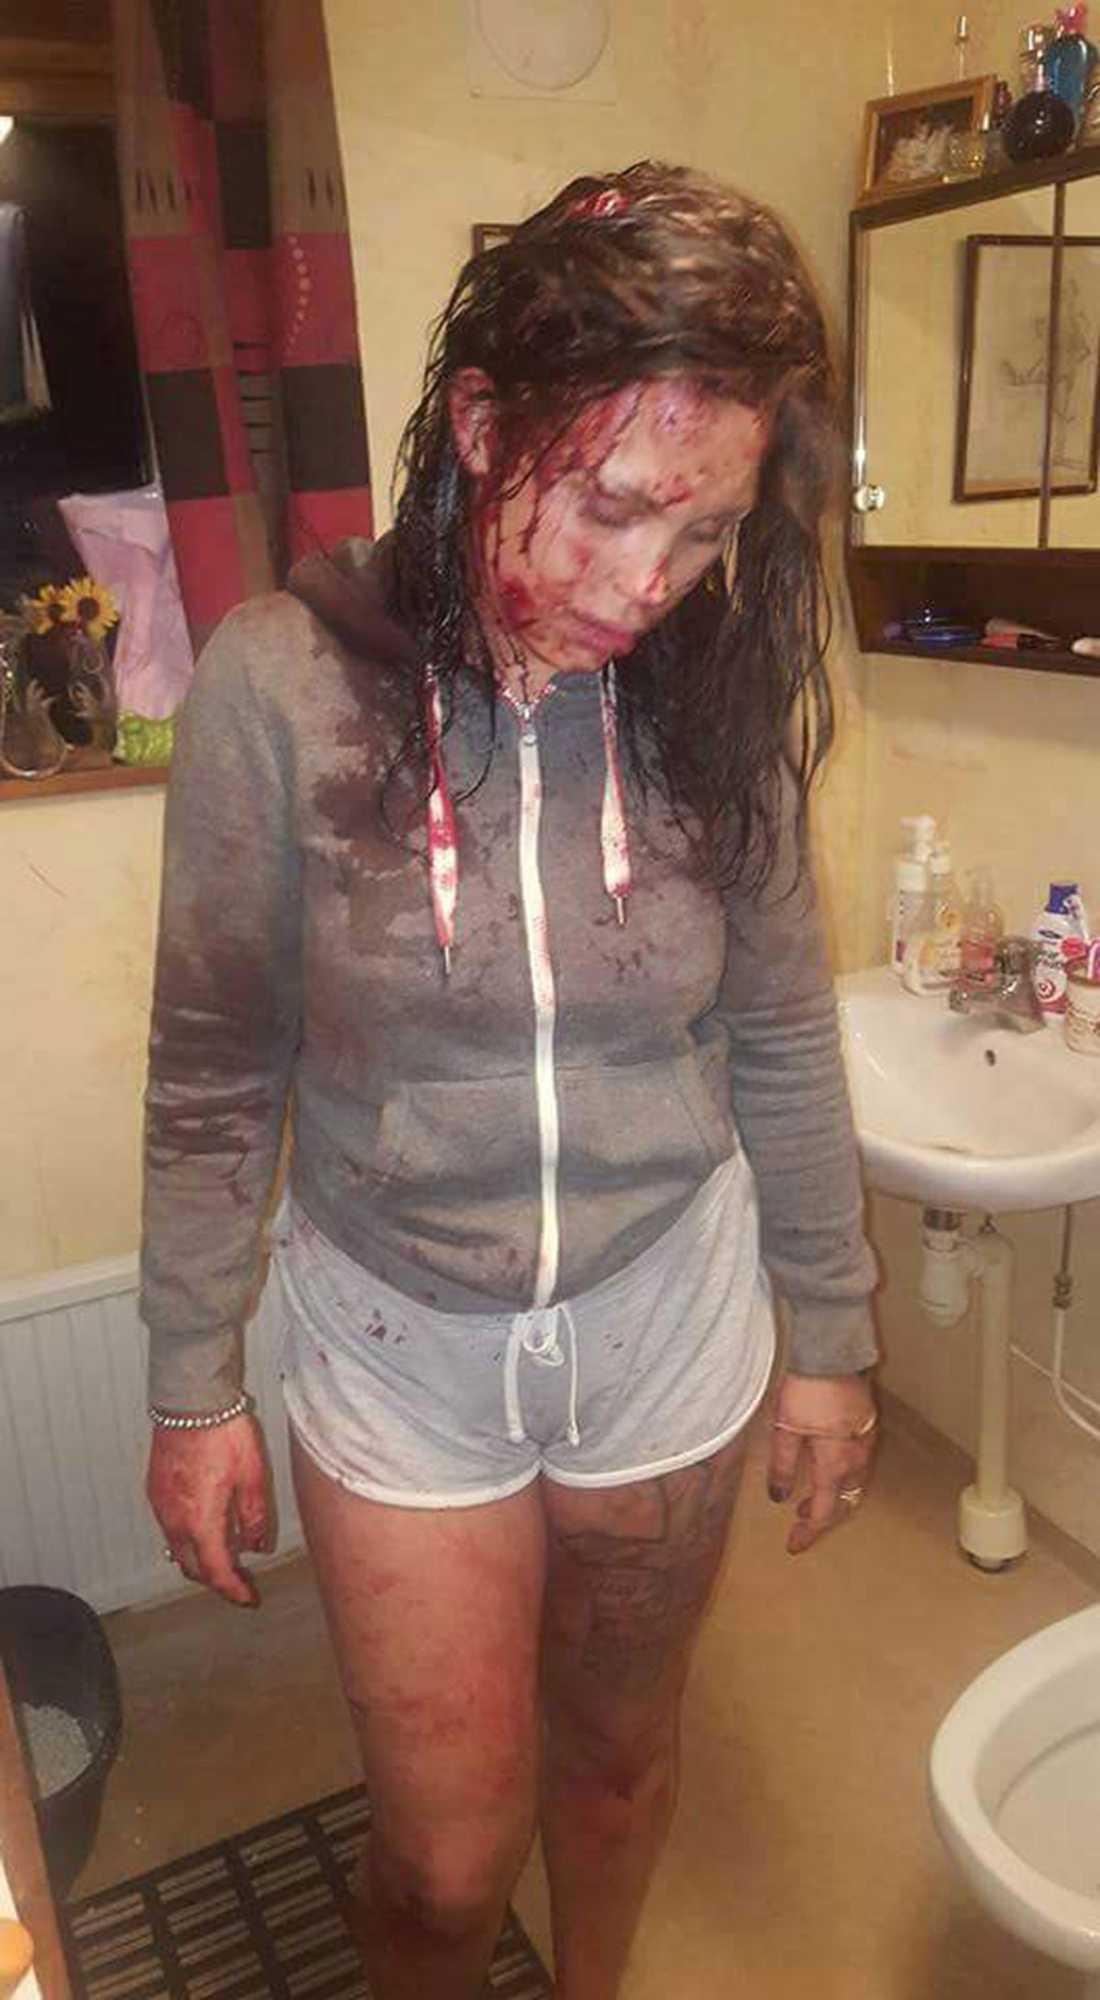 Josefines vänstra käke gick av, hon har ett bitmärke som är sytt på höger kind, har blivit sydd i huvudet och hjärnskakning.